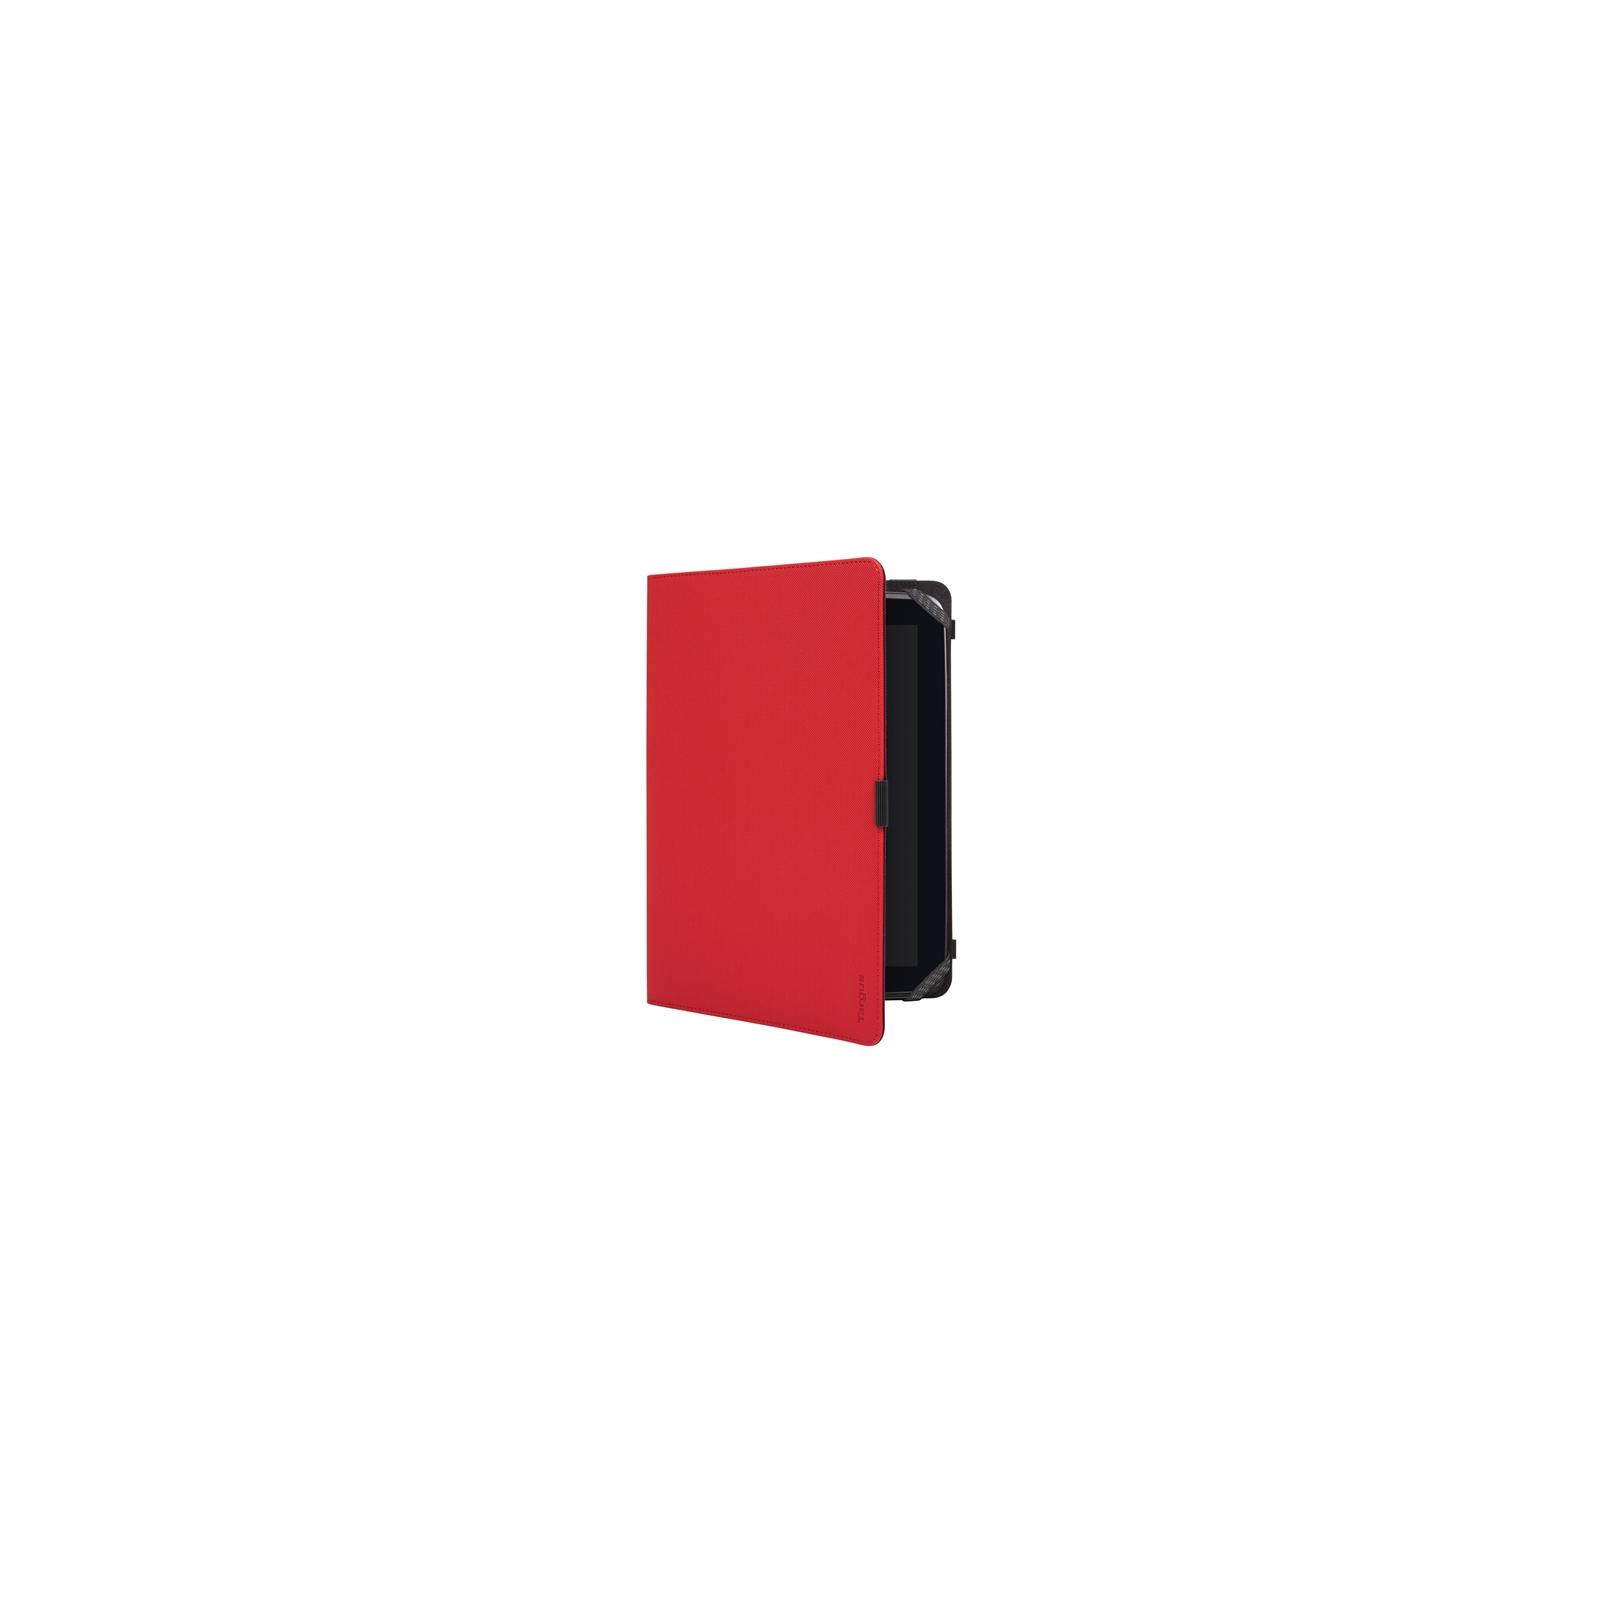 """Чехол для планшета Targus 9-10"""" Universal RED book (THZ33901EU) изображение 2"""